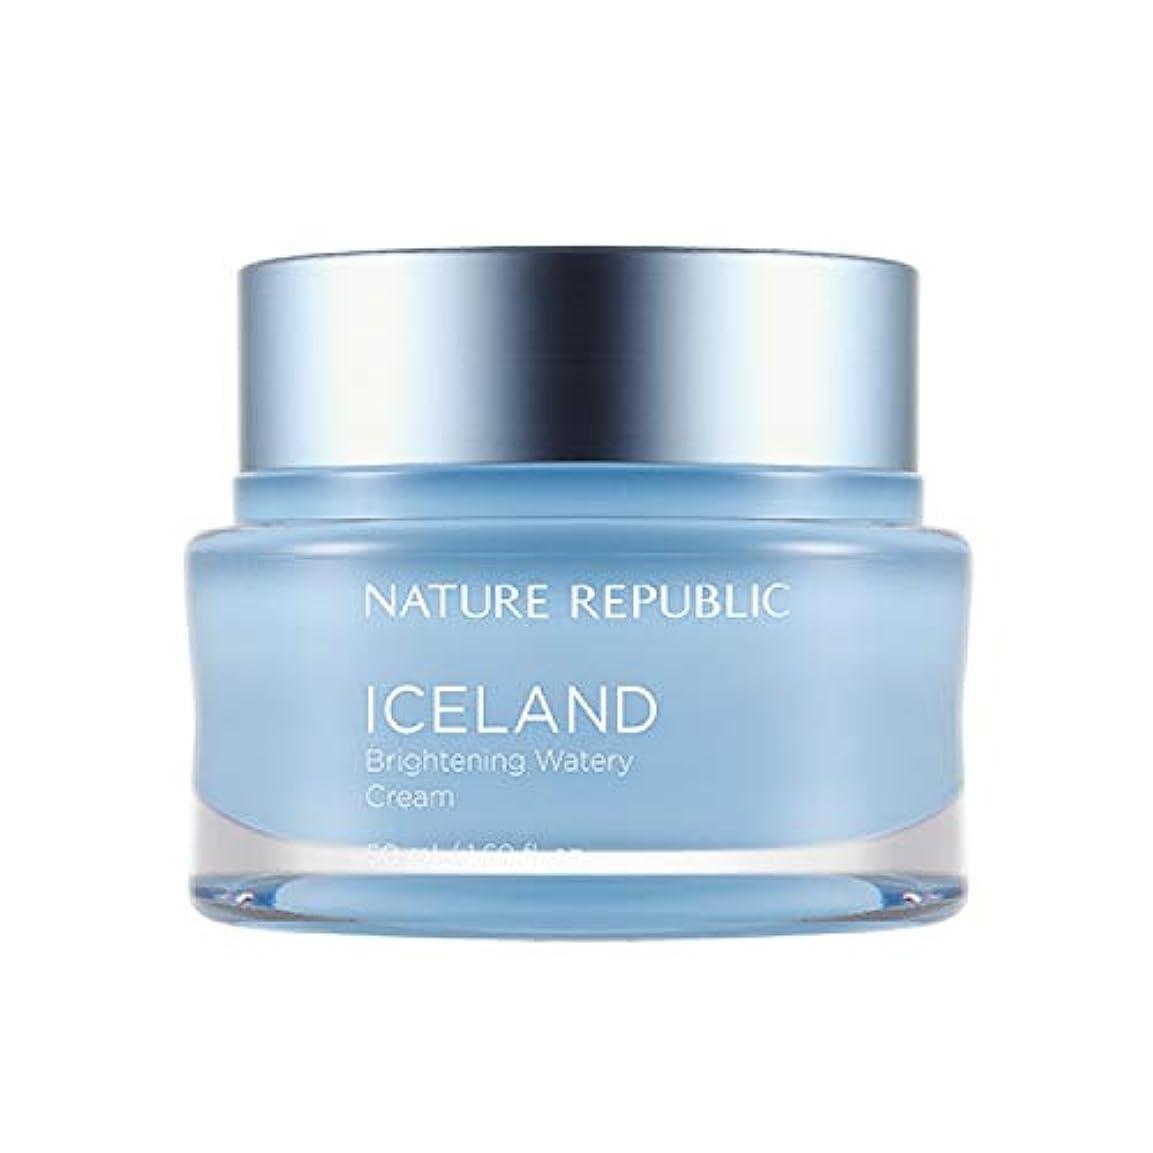 アルコールシダ聖職者ネイチャーリパブリック(Nature Republic)アイスブライトニング水分クリーム 50ml / Iceland Brightening Watery Cream 50ml :: 韓国コスメ [並行輸入品]